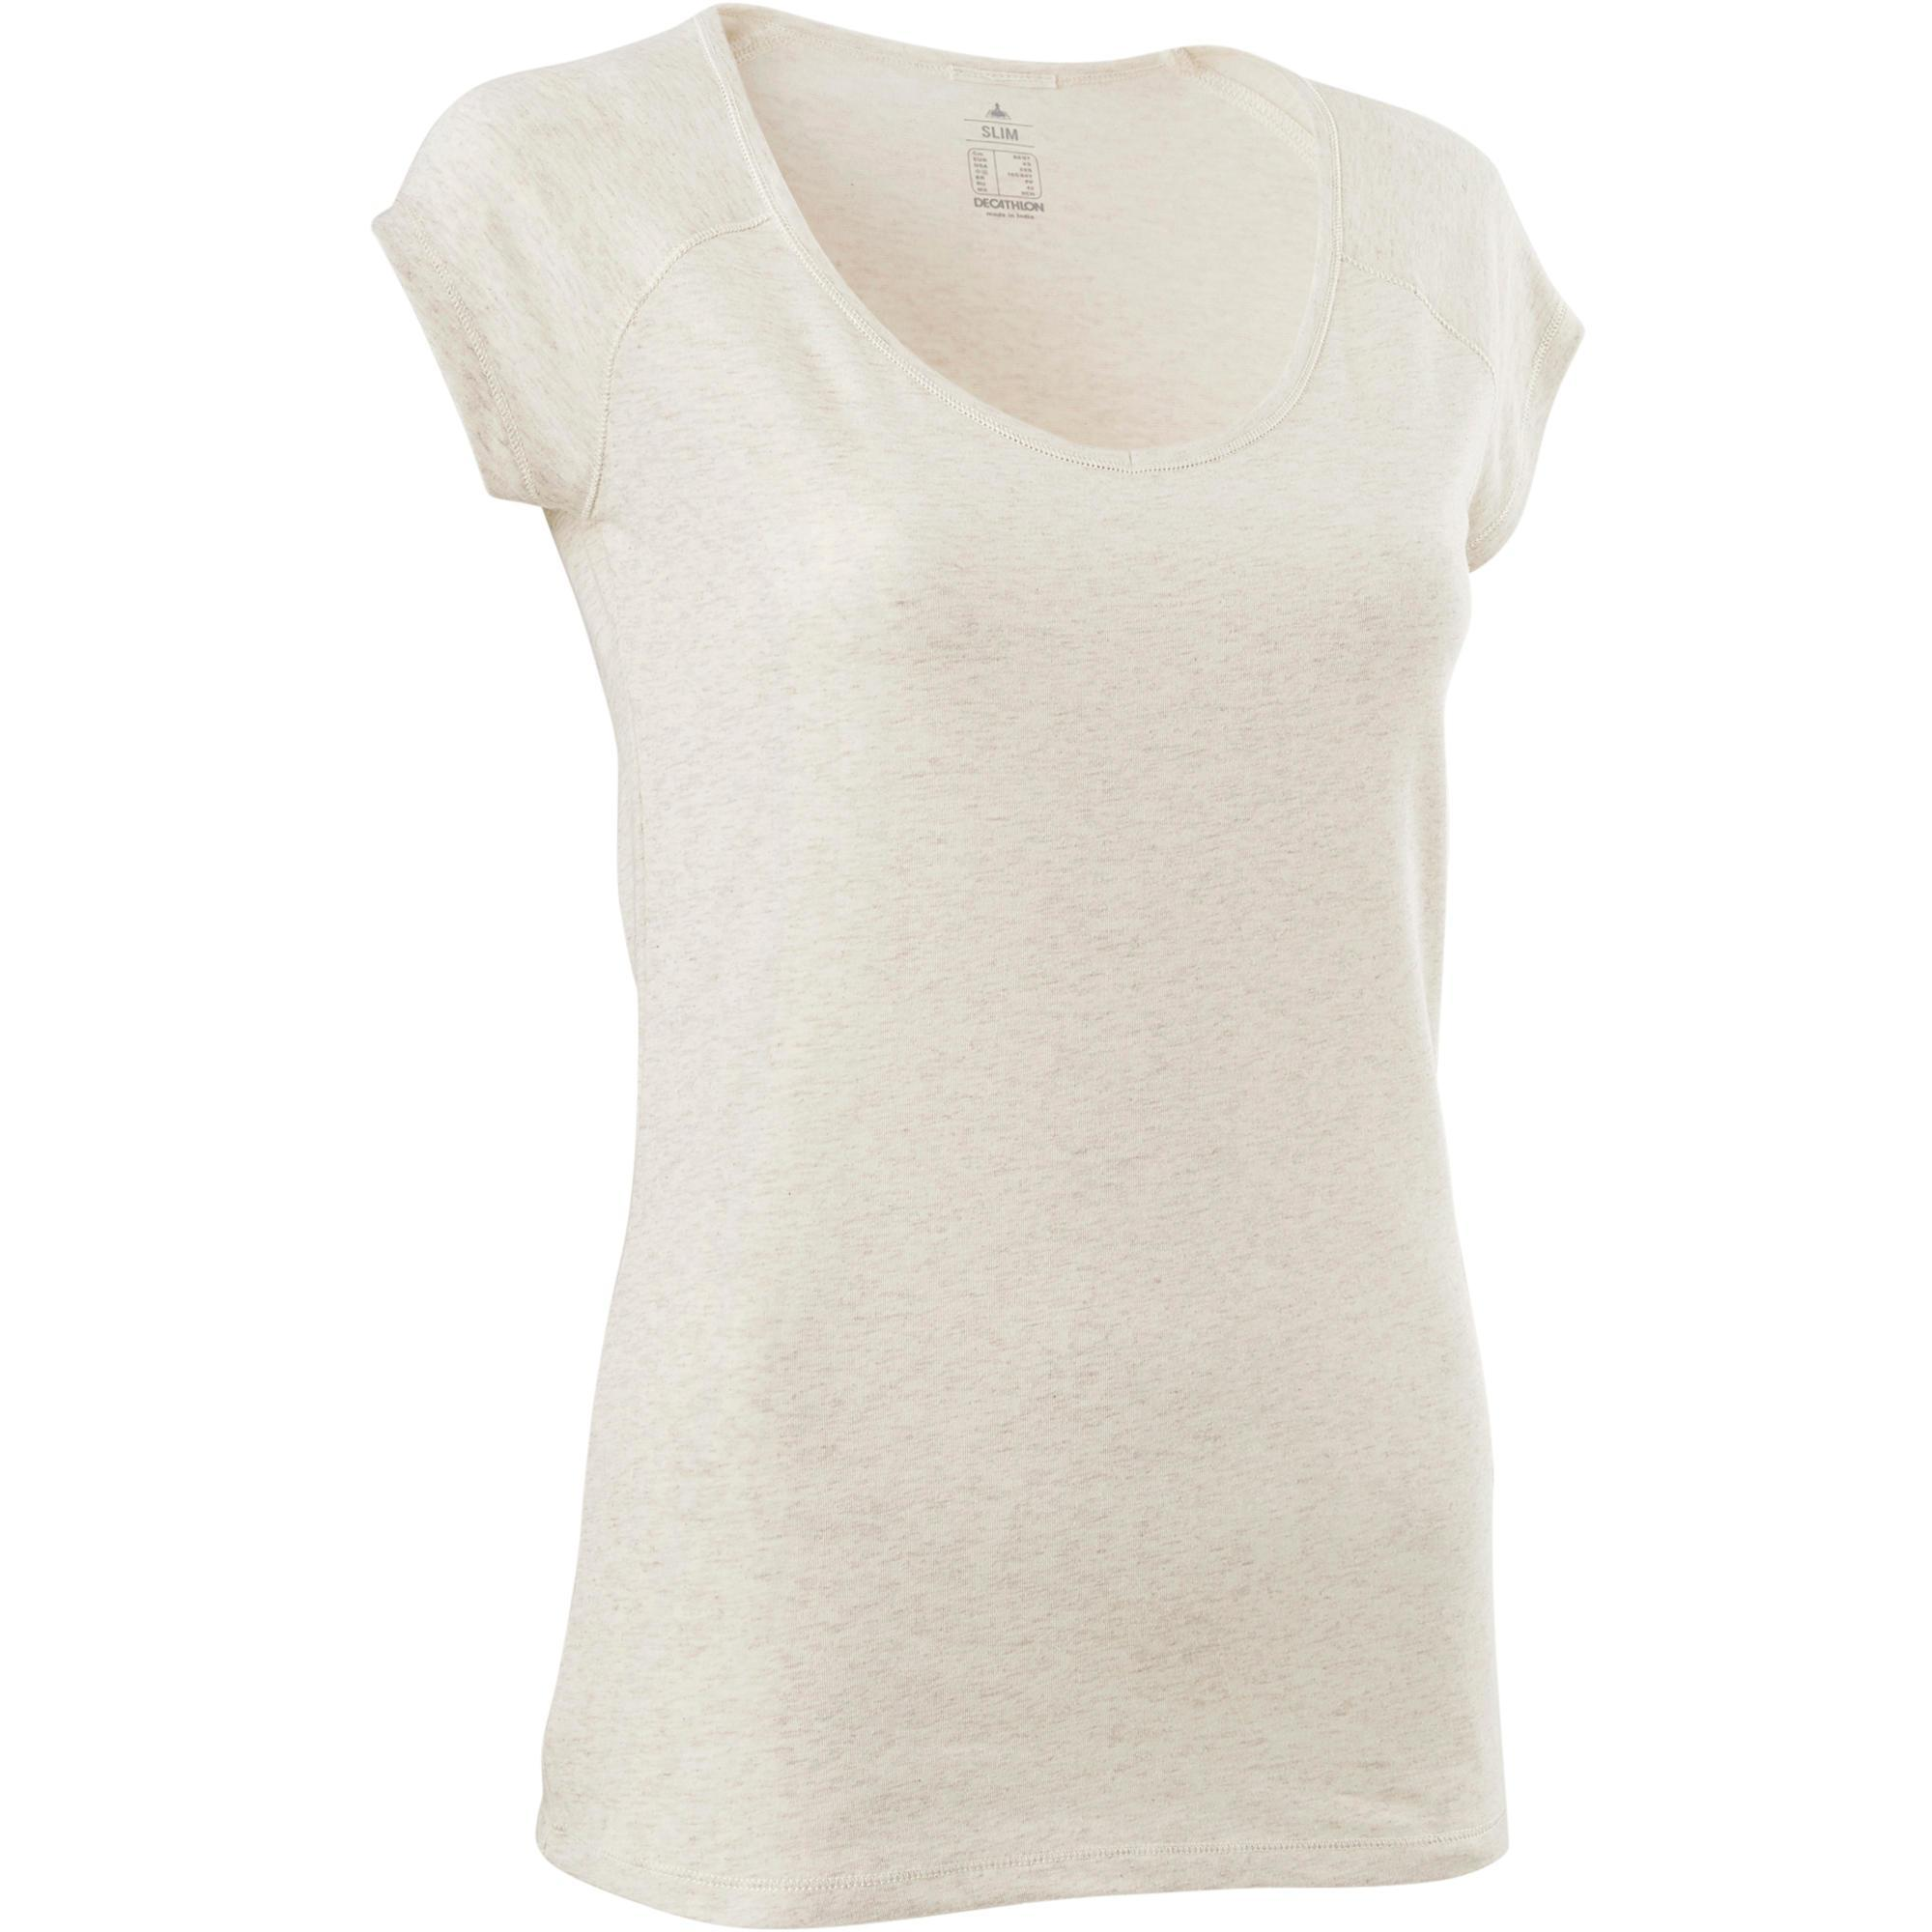 Domyos T-shirt 500 slim fit pilates en lichte gym dames gemêleerd beige